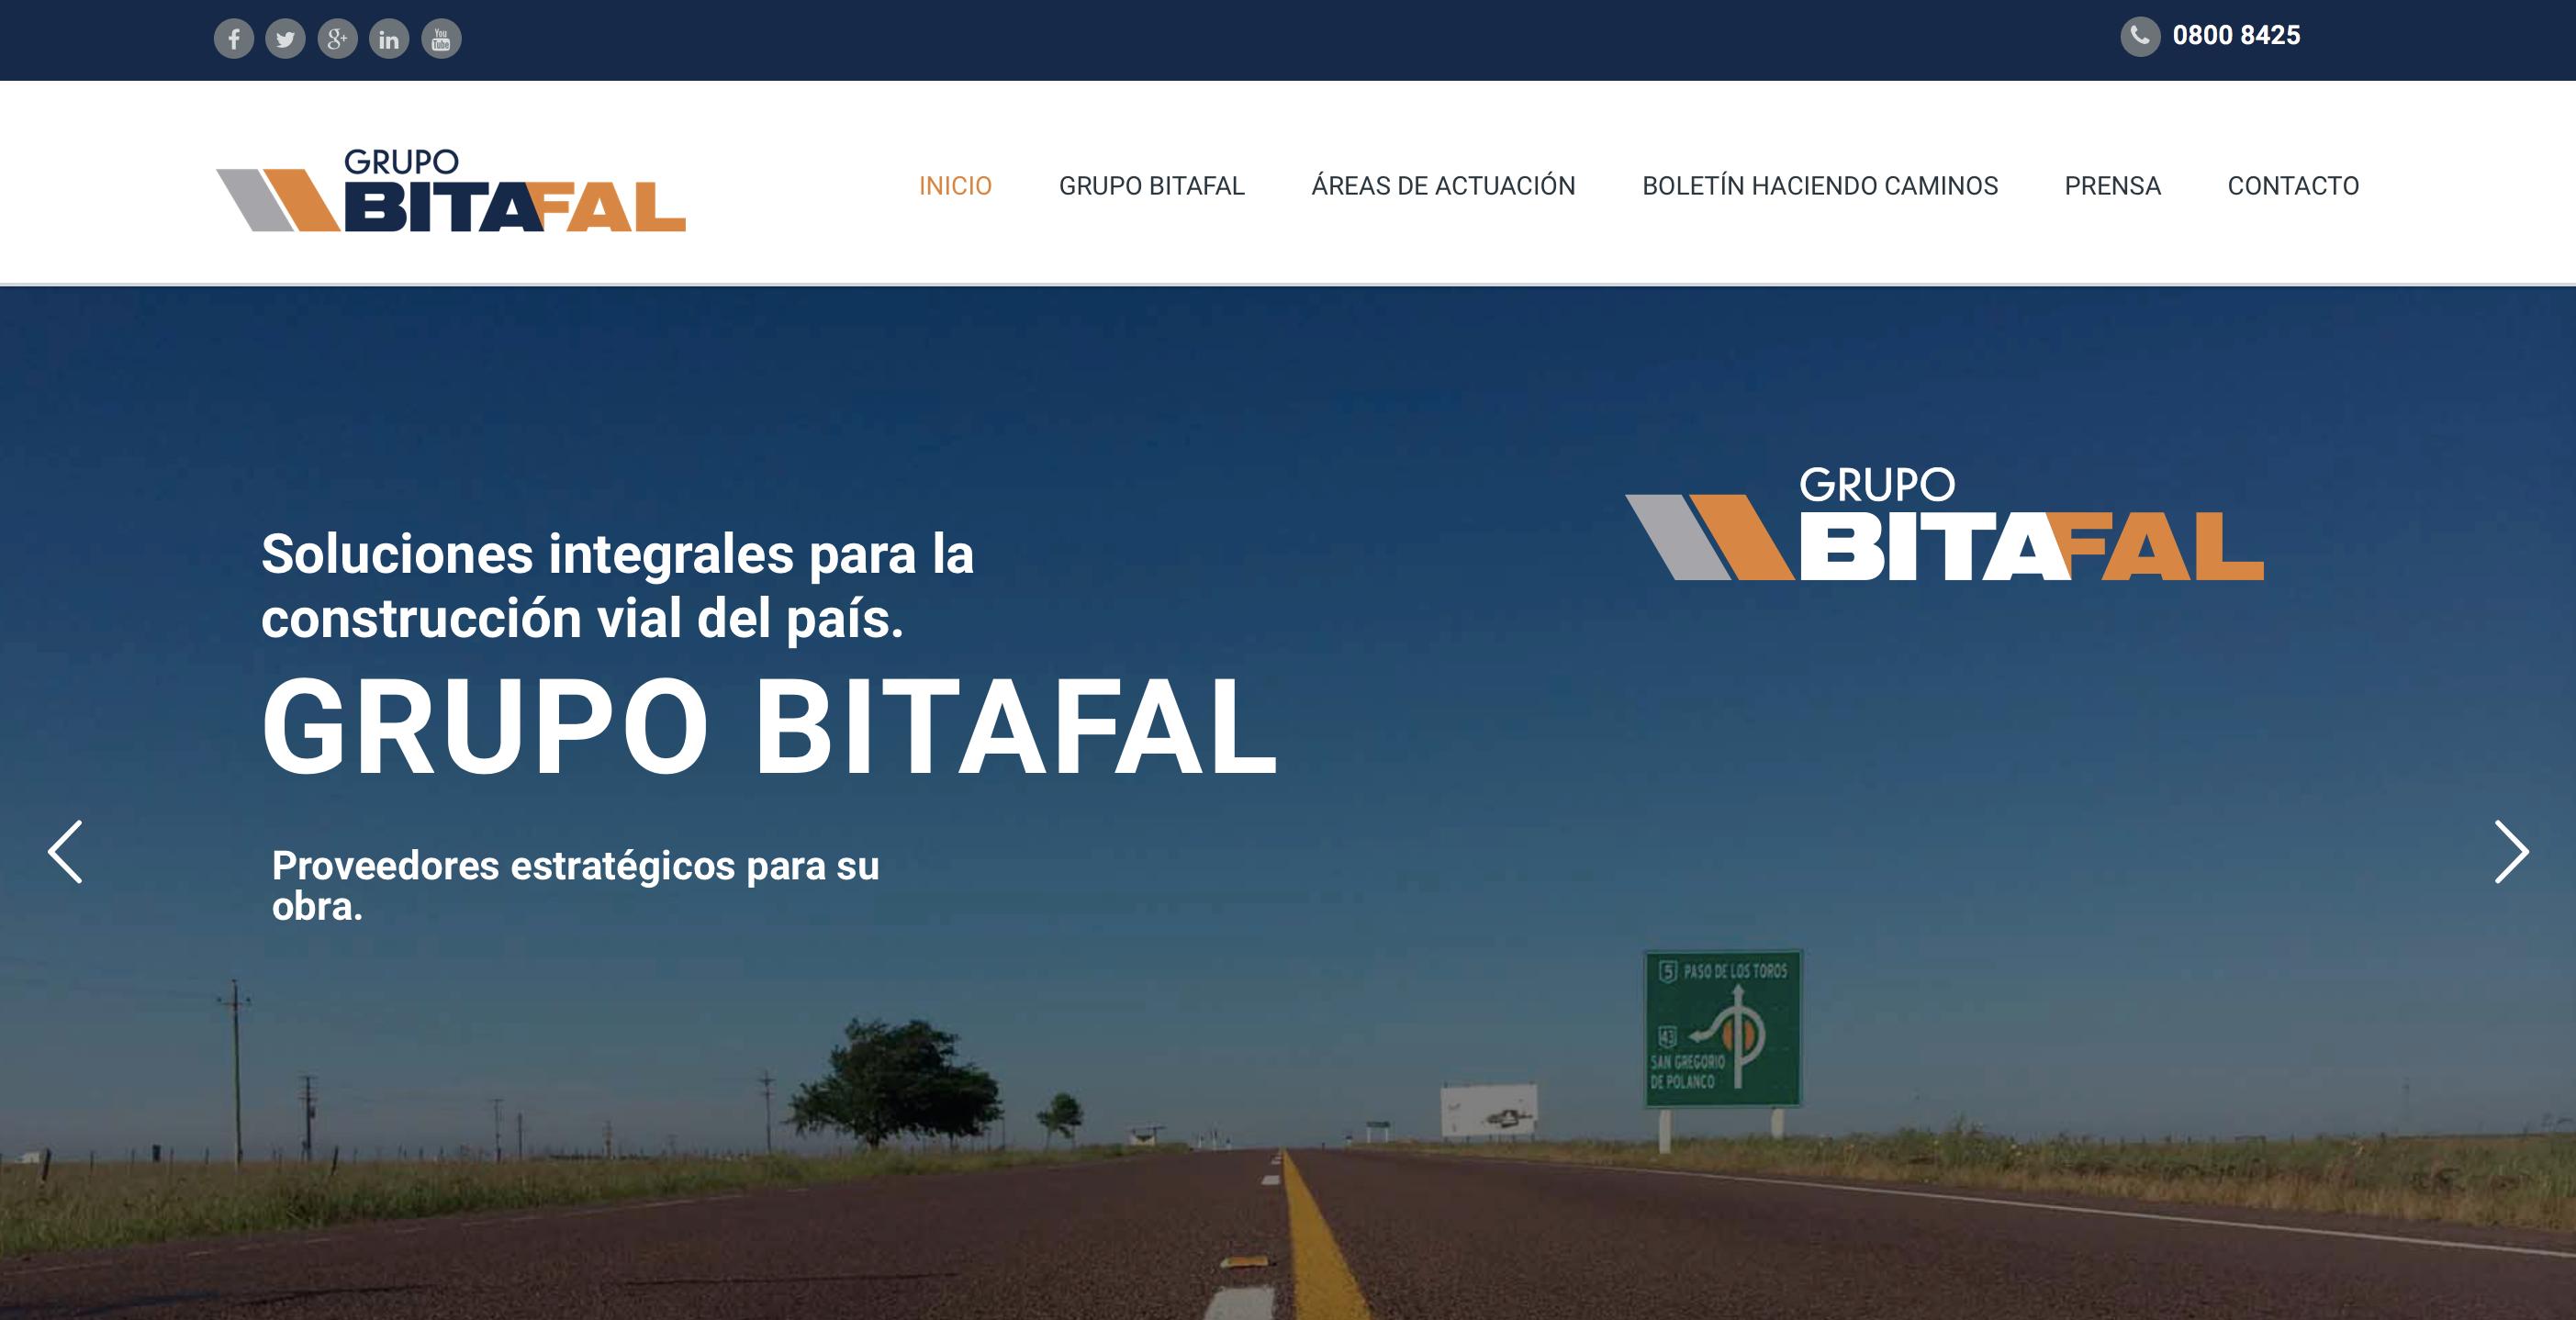 NUEVA PAGINA WEB DEL GRUPO BITAFAL